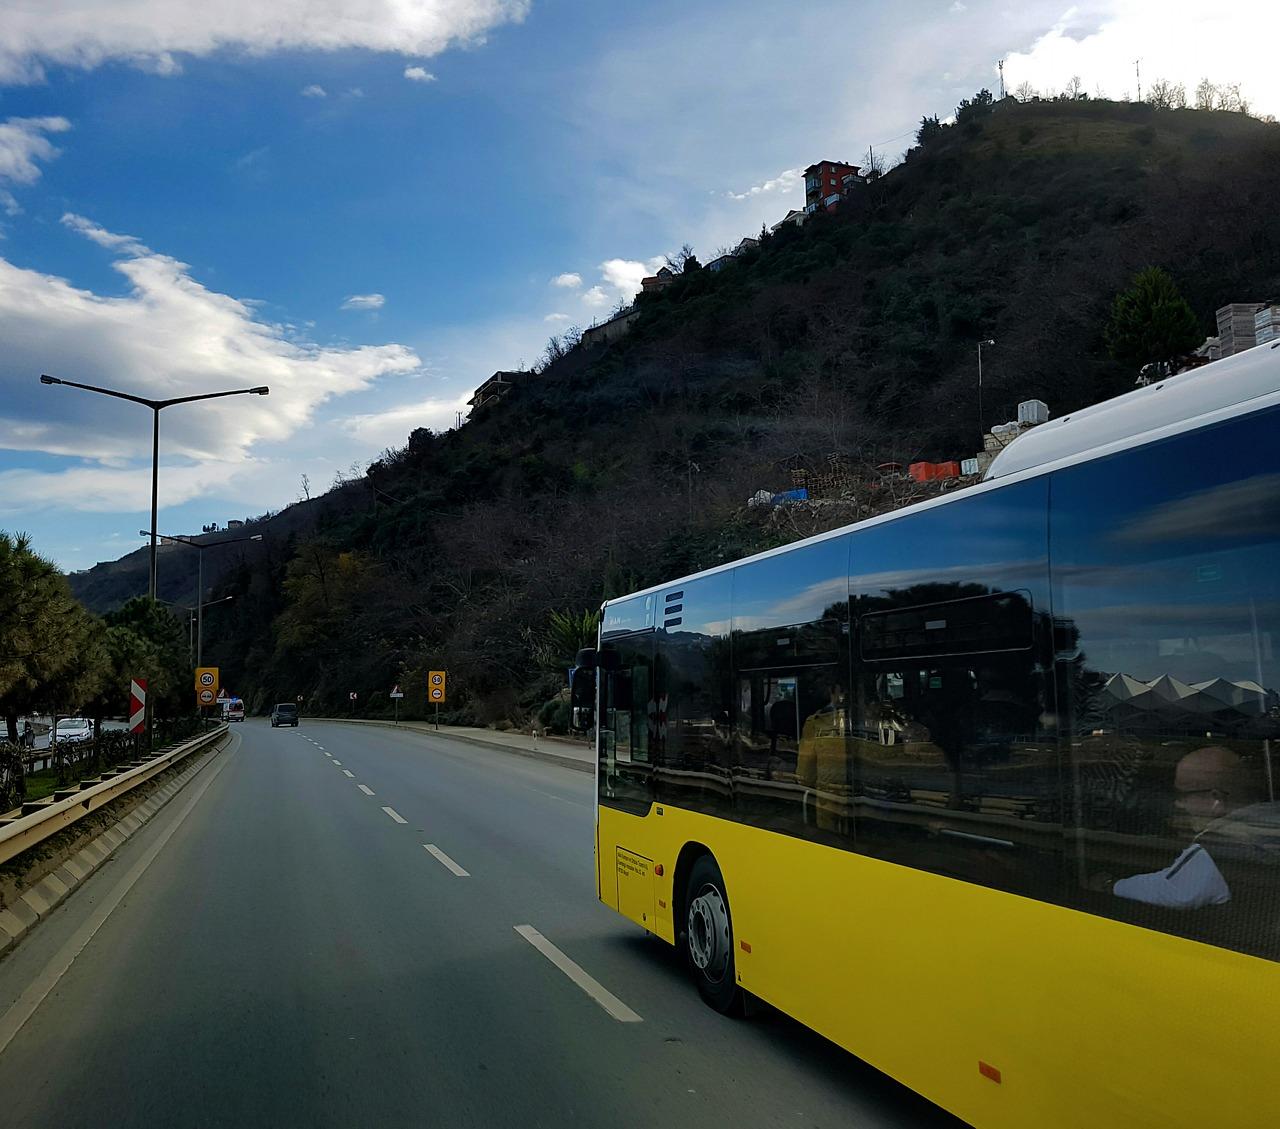 автобус Пиксбэй